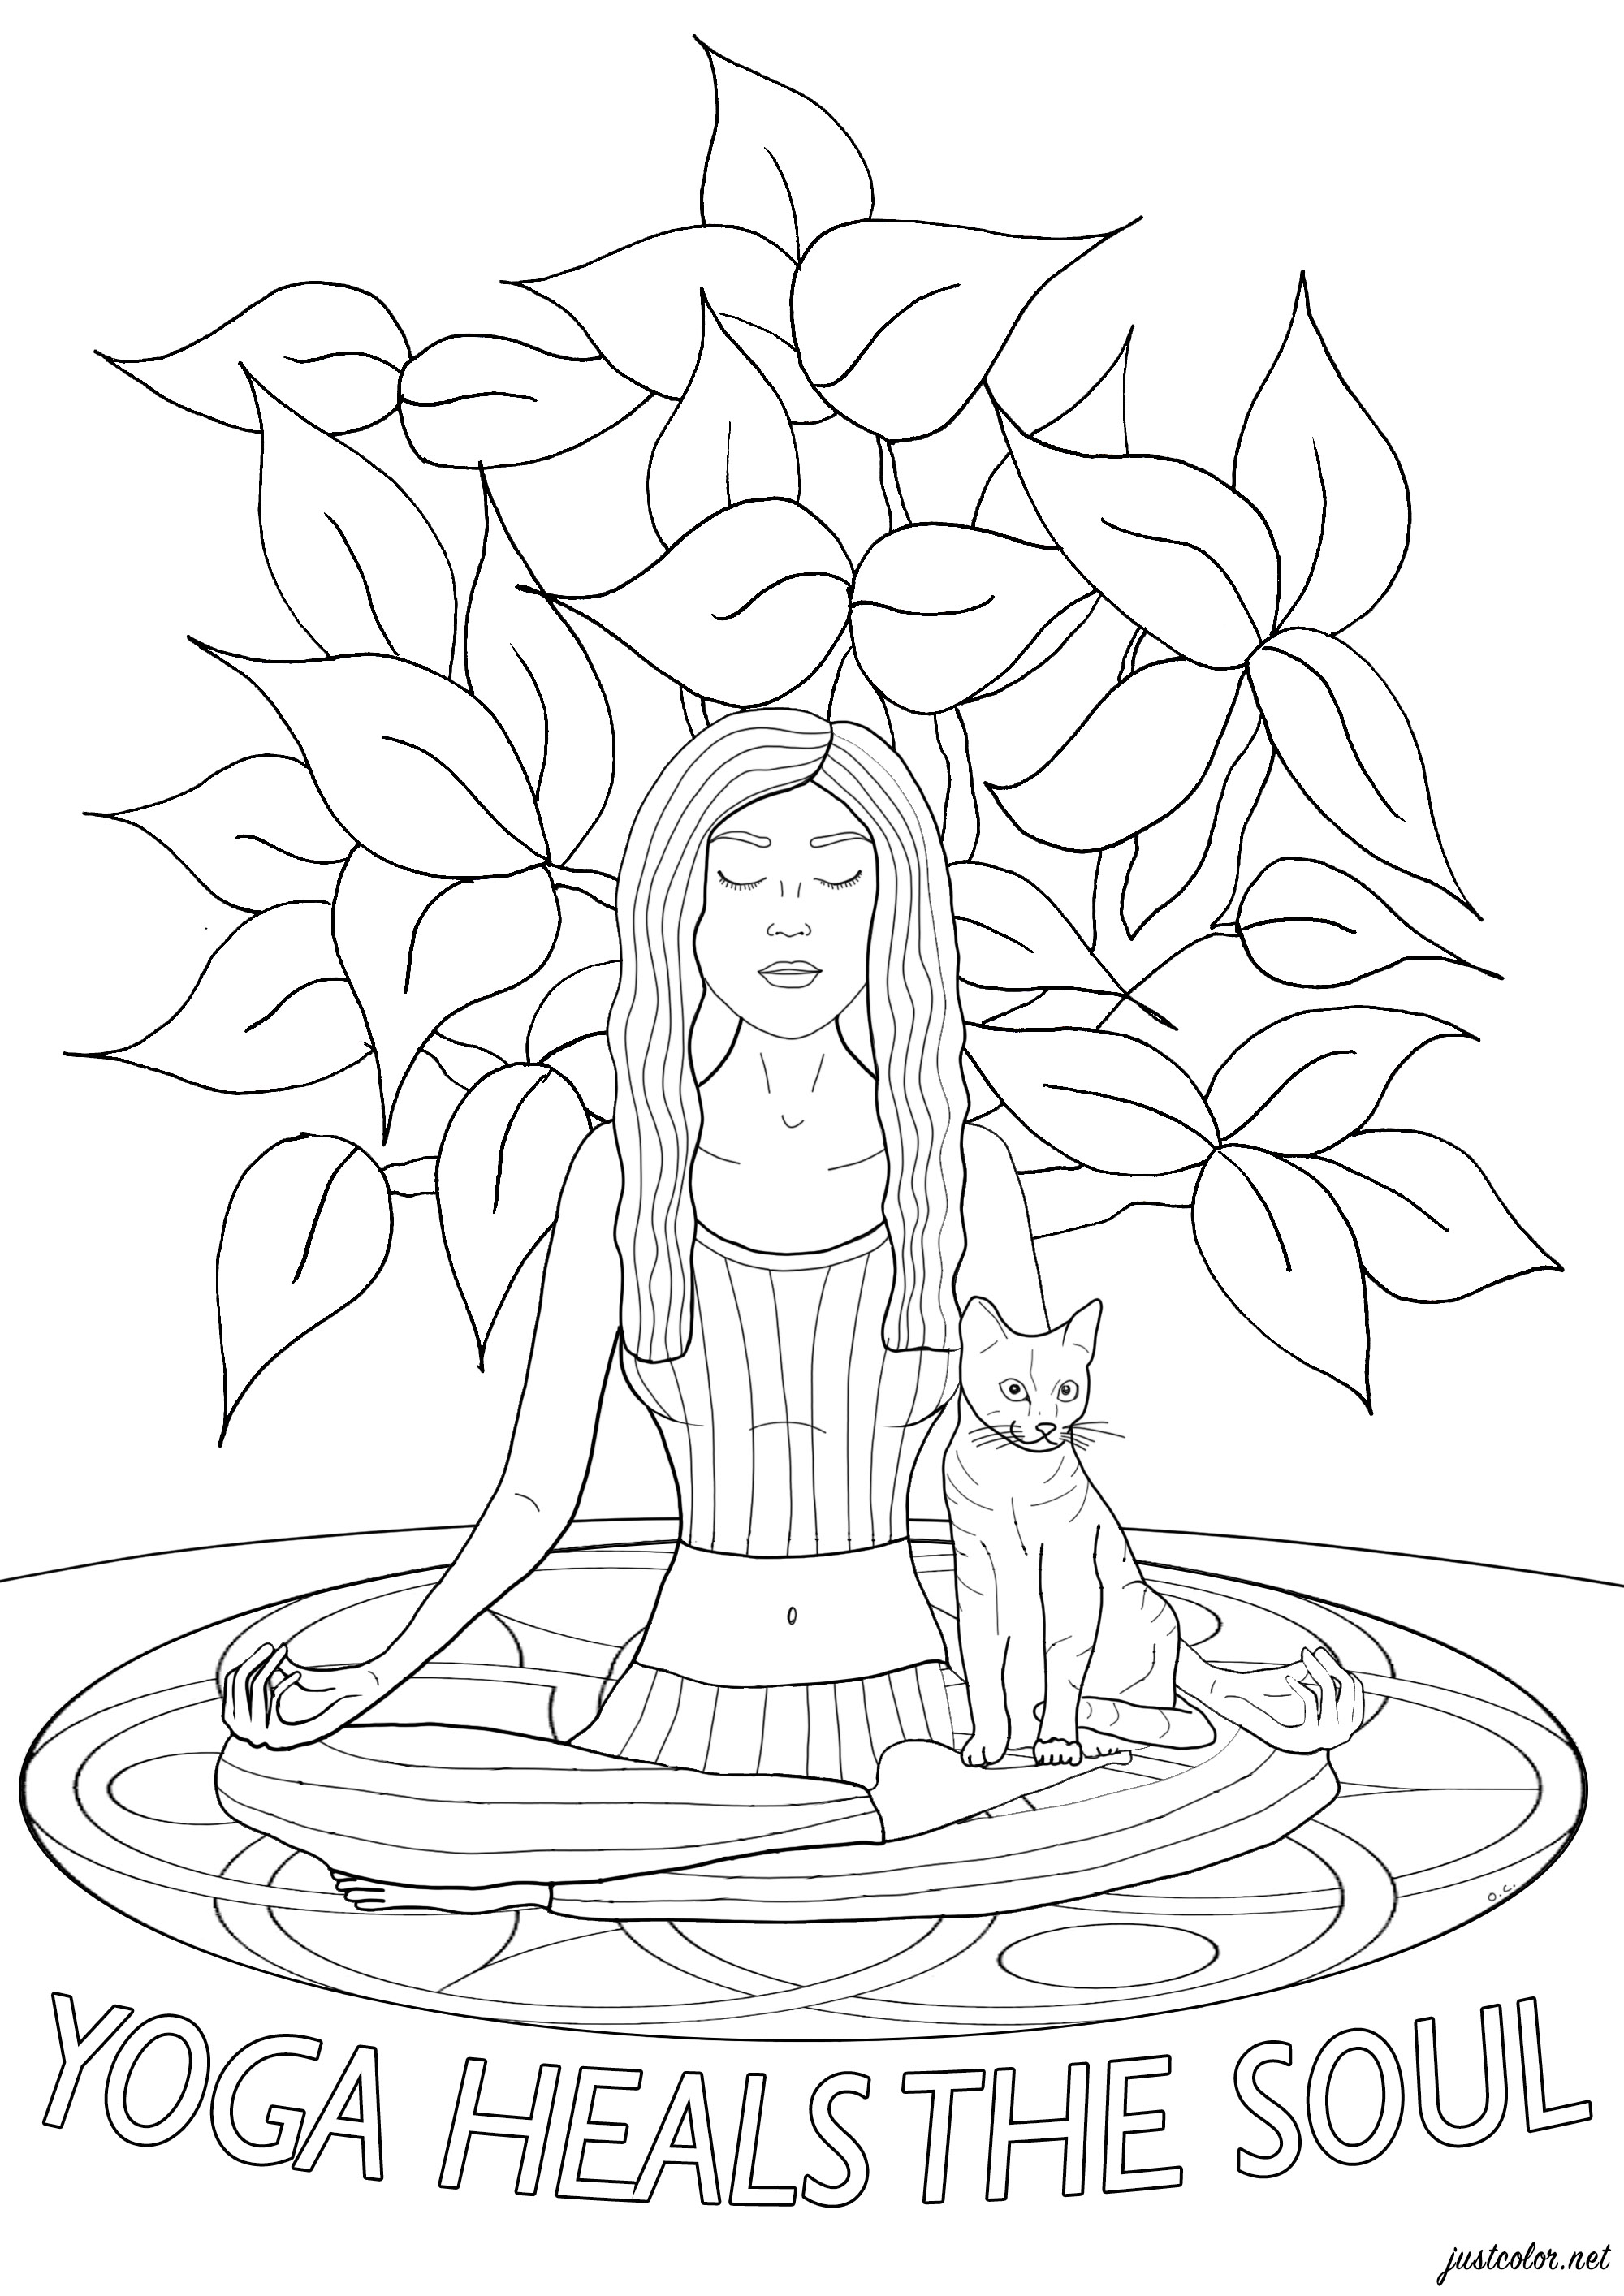 Femme faisant une séance de Yoga avec son chat, et texte 'Yoga heals the soul' (le Yoga soigne l'âme)